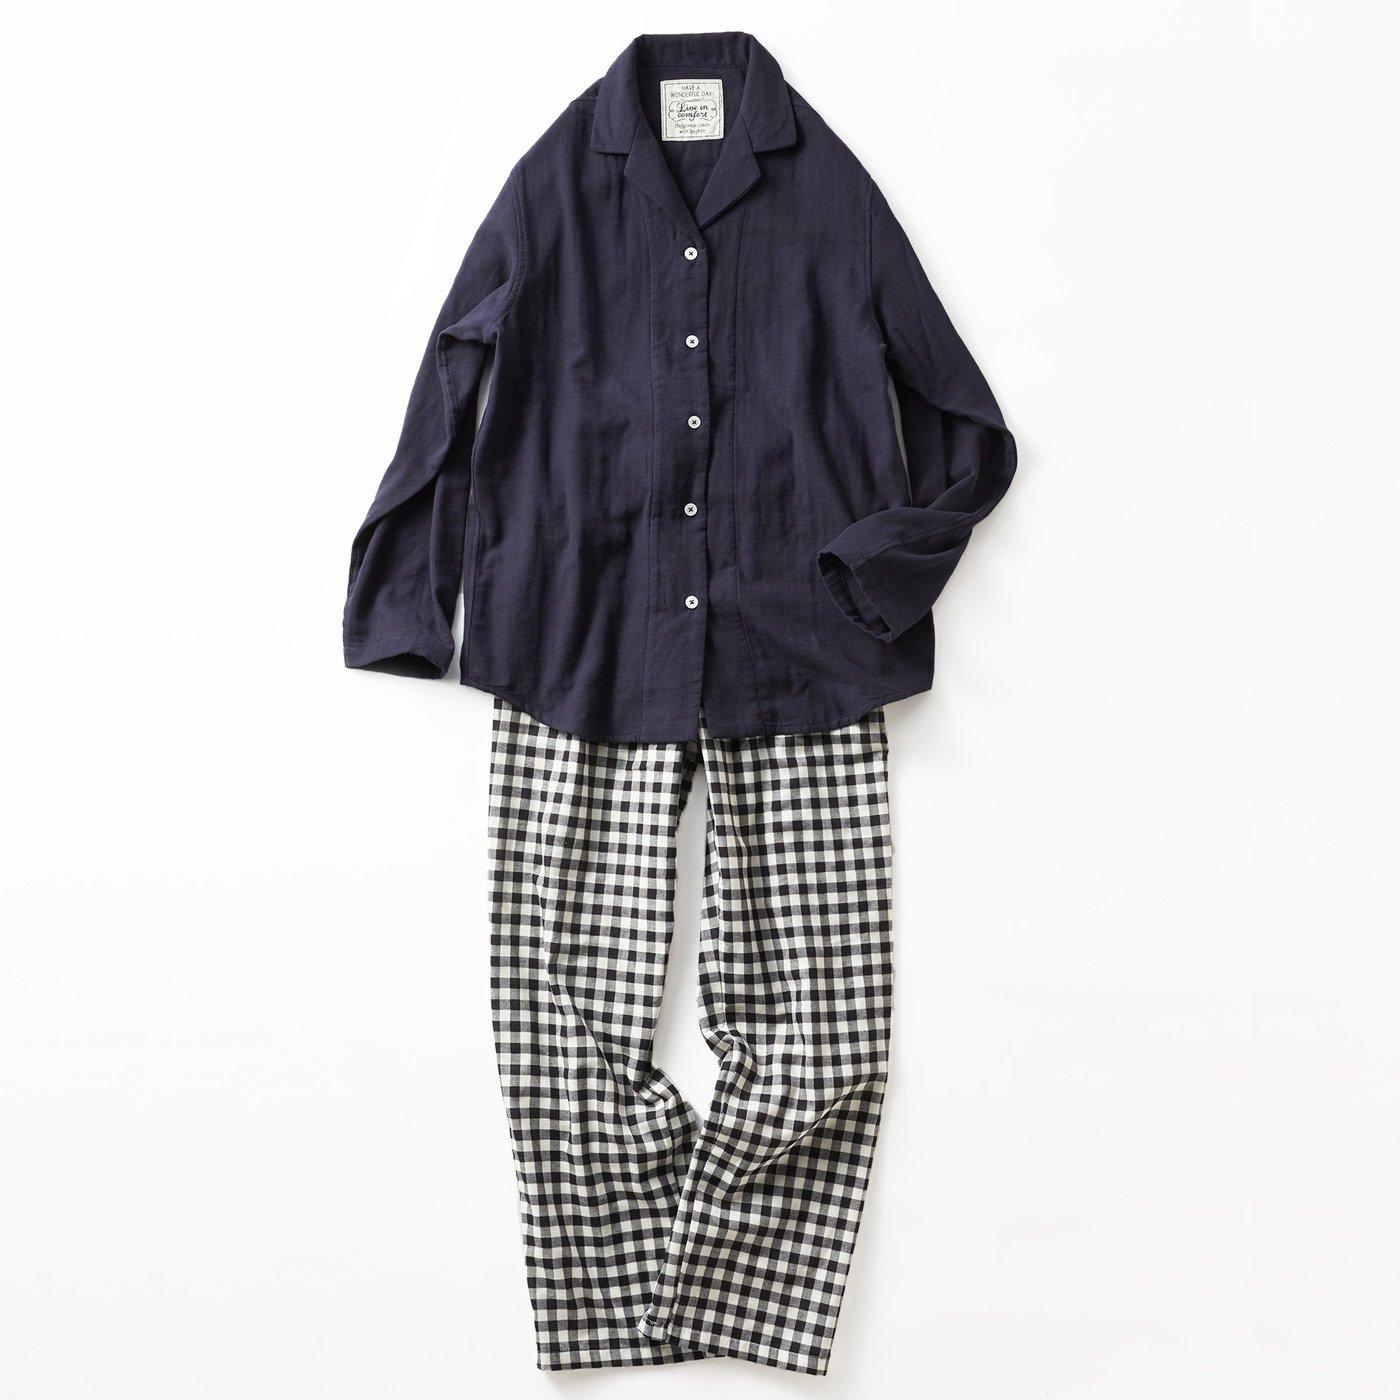 宅配便も取りにいける! リブ イン コンフォート コットン100% ダブルガーゼのパジャマ 〈ギンガム〉